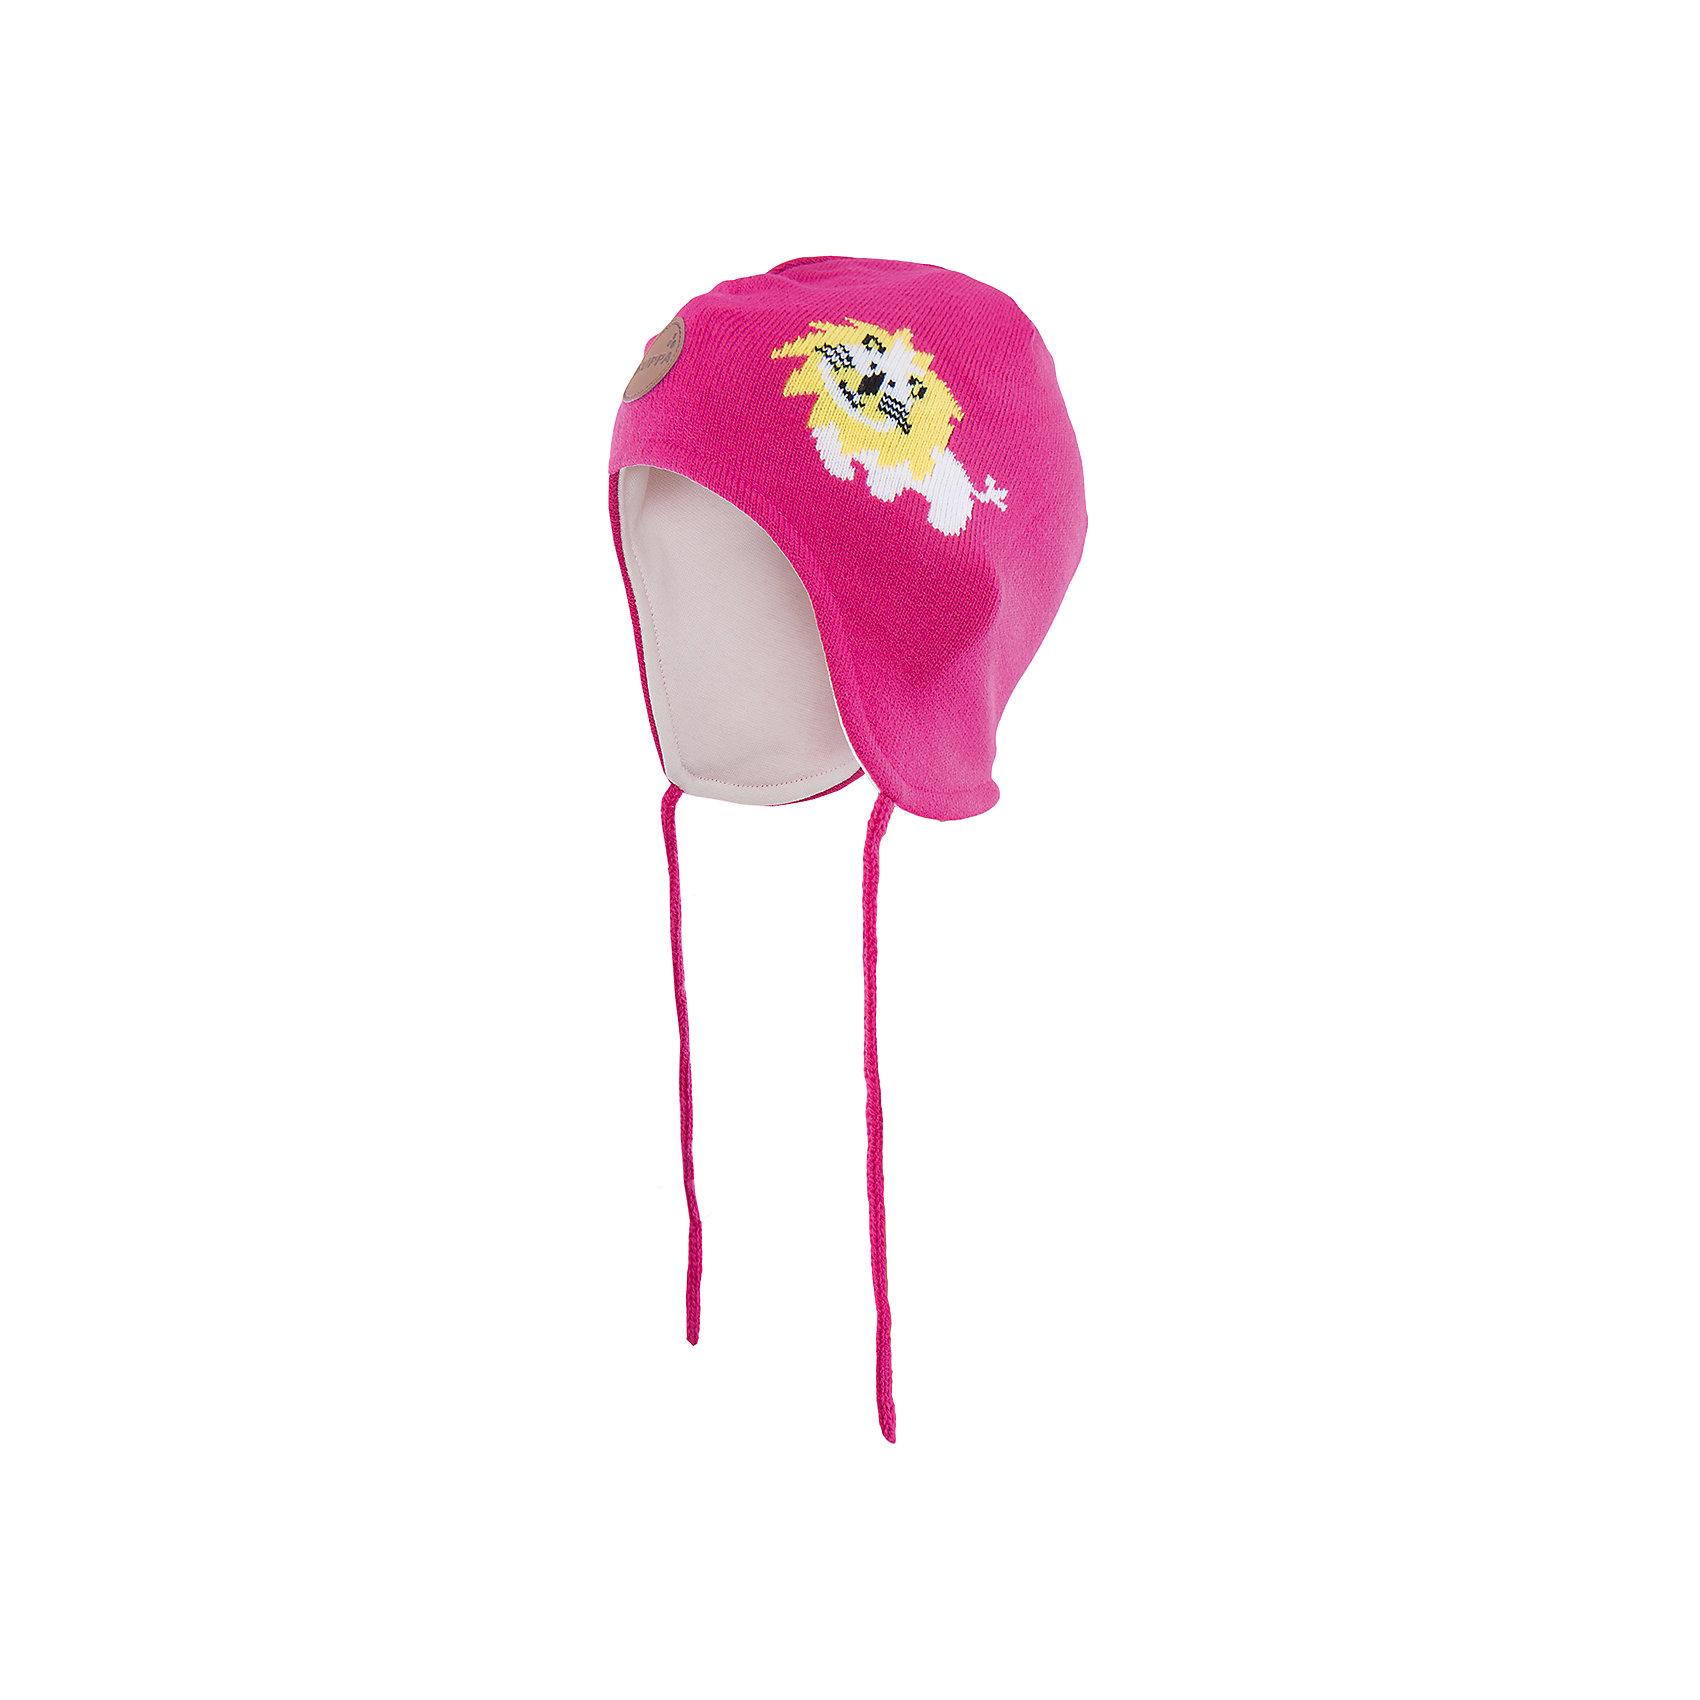 Шапка  HuppaЭта шапка Lion от Huppa(хуппа) надежно закрывает голову, уши и защищает от морозов. Она изготовлена из акрила, отлично сохраняющего тепло. Подкладка из хлопка приятна тела и не вызывает раздражения на чувствительной коже ребенка. Рисунок с милым львенком добавит веселые нотки к образу ребенка.<br><br>Дополнительная информация:<br>Цвет: фуксия<br>Материал: 100% акрил<br>Подкладка: 100% хлопок<br><br>Шапку Huppa(хуппа) вы можете приобрести в нашем интернет-магазине.<br><br>Ширина мм: 89<br>Глубина мм: 117<br>Высота мм: 44<br>Вес г: 155<br>Цвет: розовый<br>Возраст от месяцев: 36<br>Возраст до месяцев: 72<br>Пол: Женский<br>Возраст: Детский<br>Размер: 51-53,43-45,47-49<br>SKU: 4923537